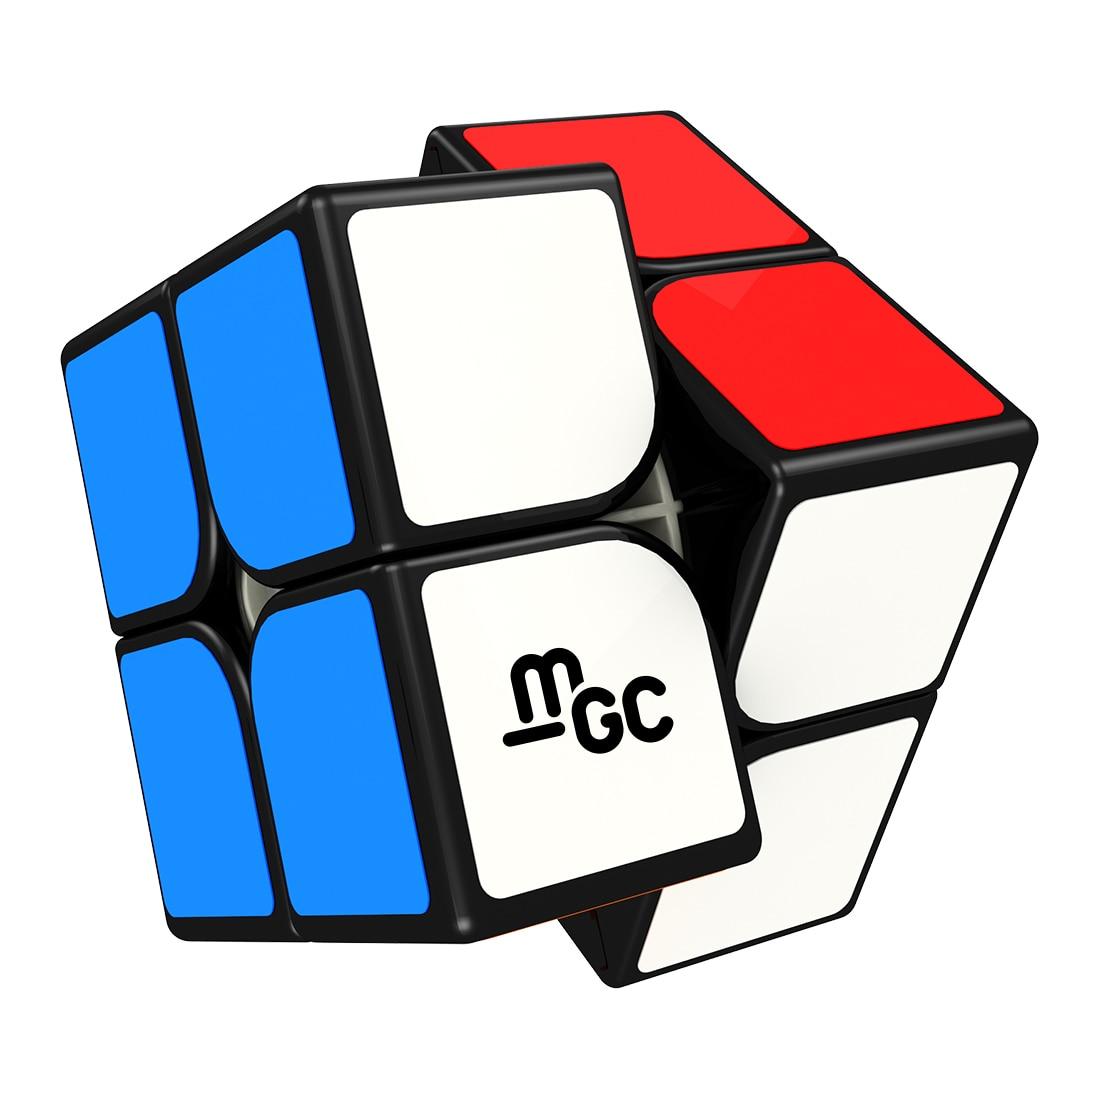 Rätsel & Spiele Vornehm Yongjun Magnetische Version Mgc 2x2 Zauberwürfel Pädagogisches Spielzeug Für Gehirn Training-schwarz